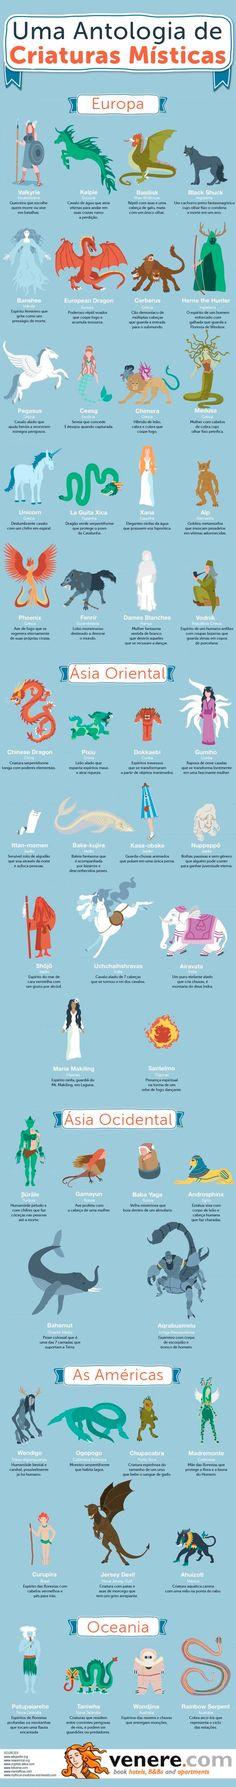 Infográfico: As criaturas místicas através do mundo - GeeknessGeekness